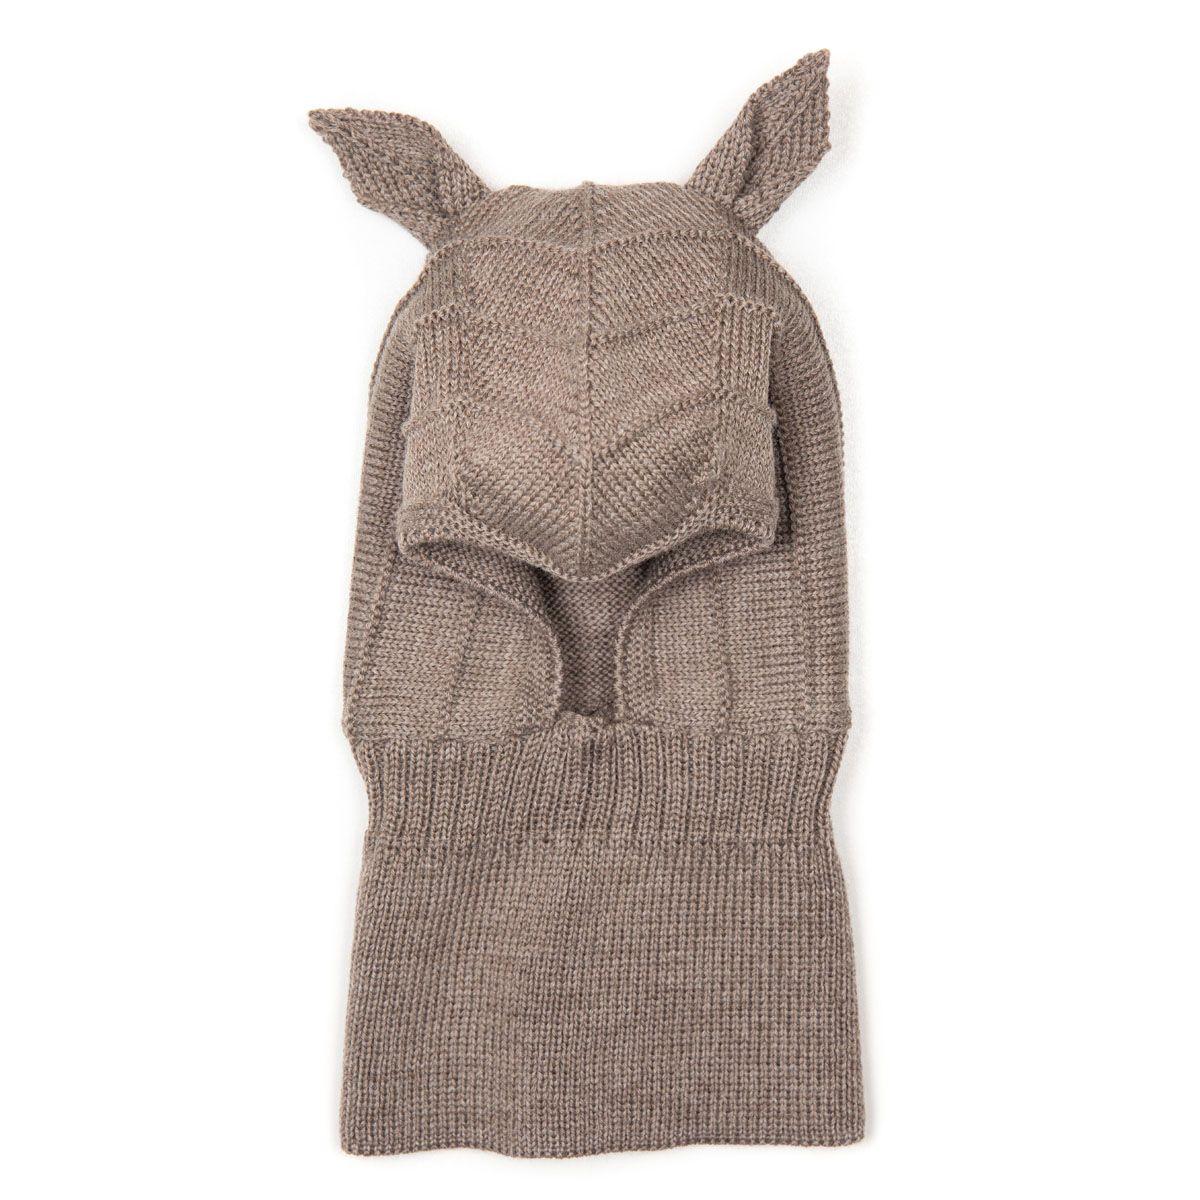 Huttelihut Mini Rabbit Wool - Camel